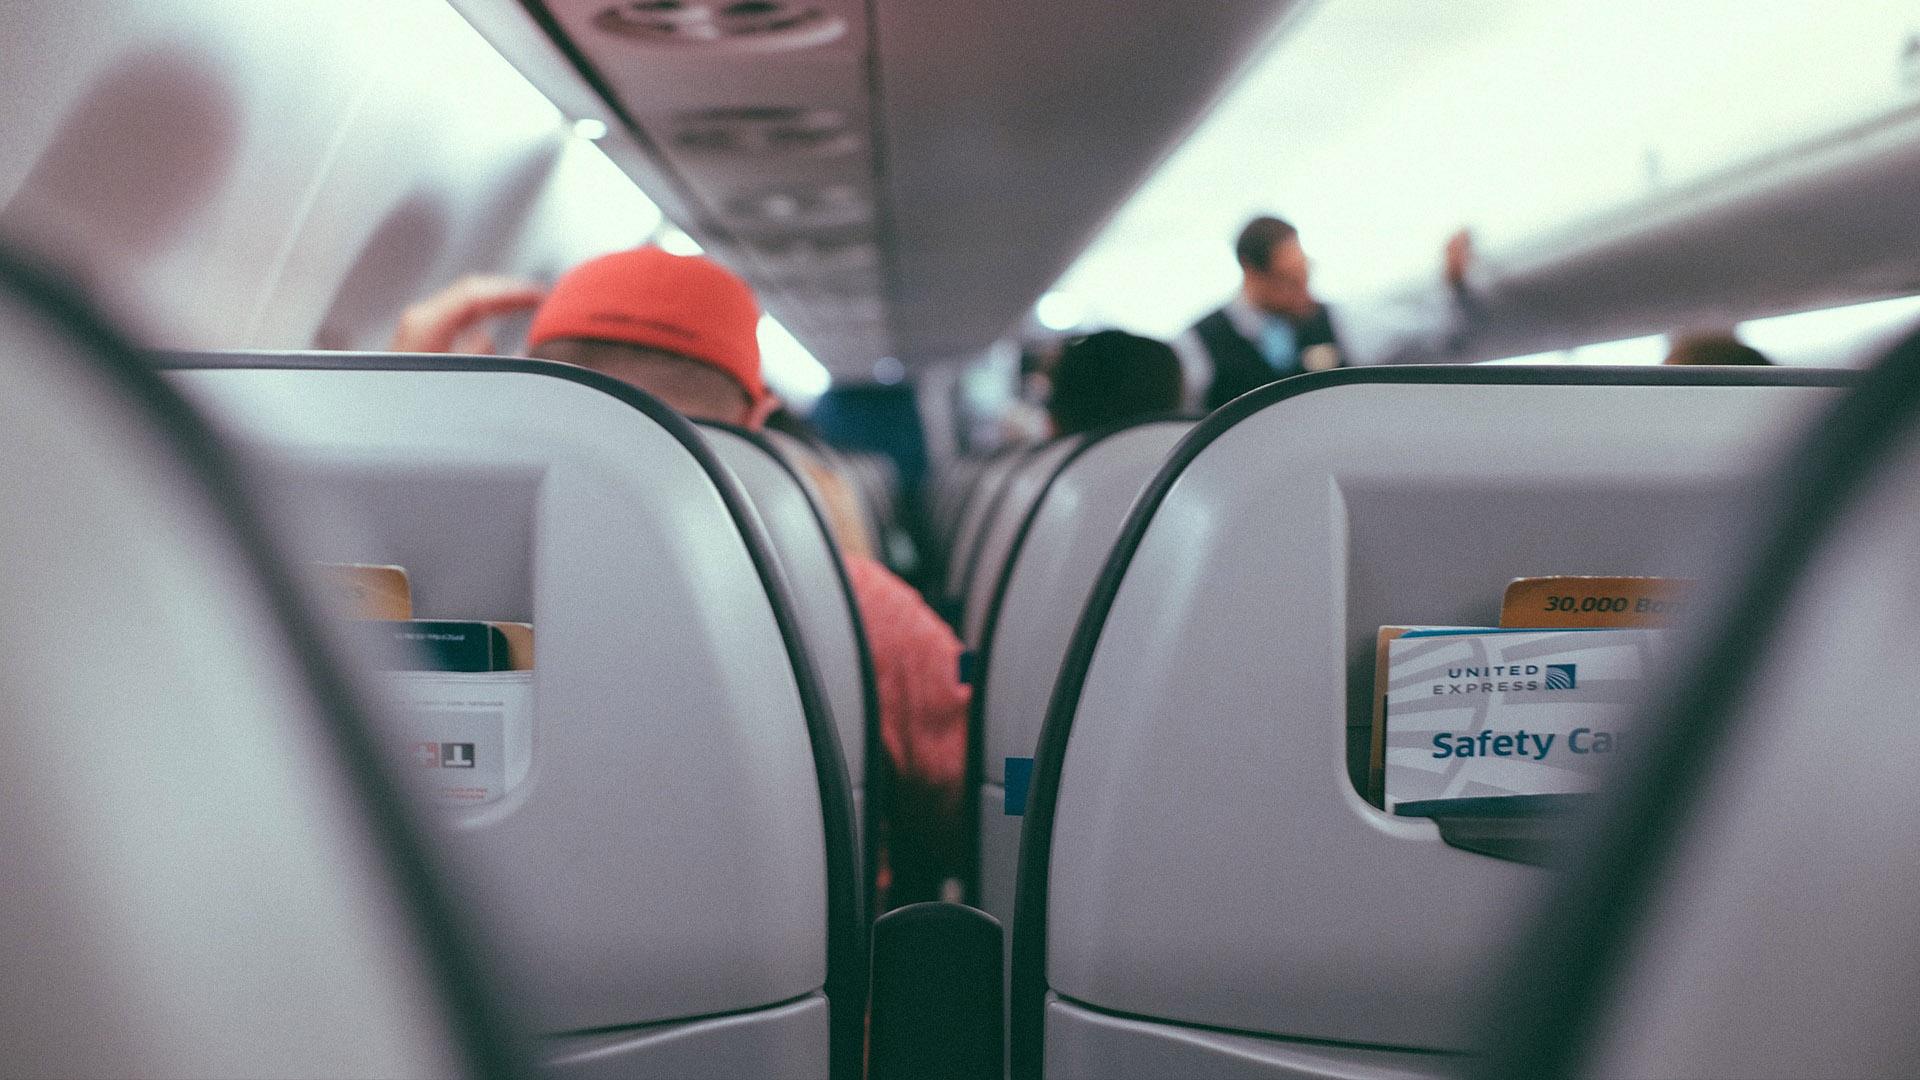 Assentos são sempre uma das maiores reclamações em relação ao voo, mas no que diz respeito a segurança, não há diferença entre a posição que ela ocupa na aeronave.